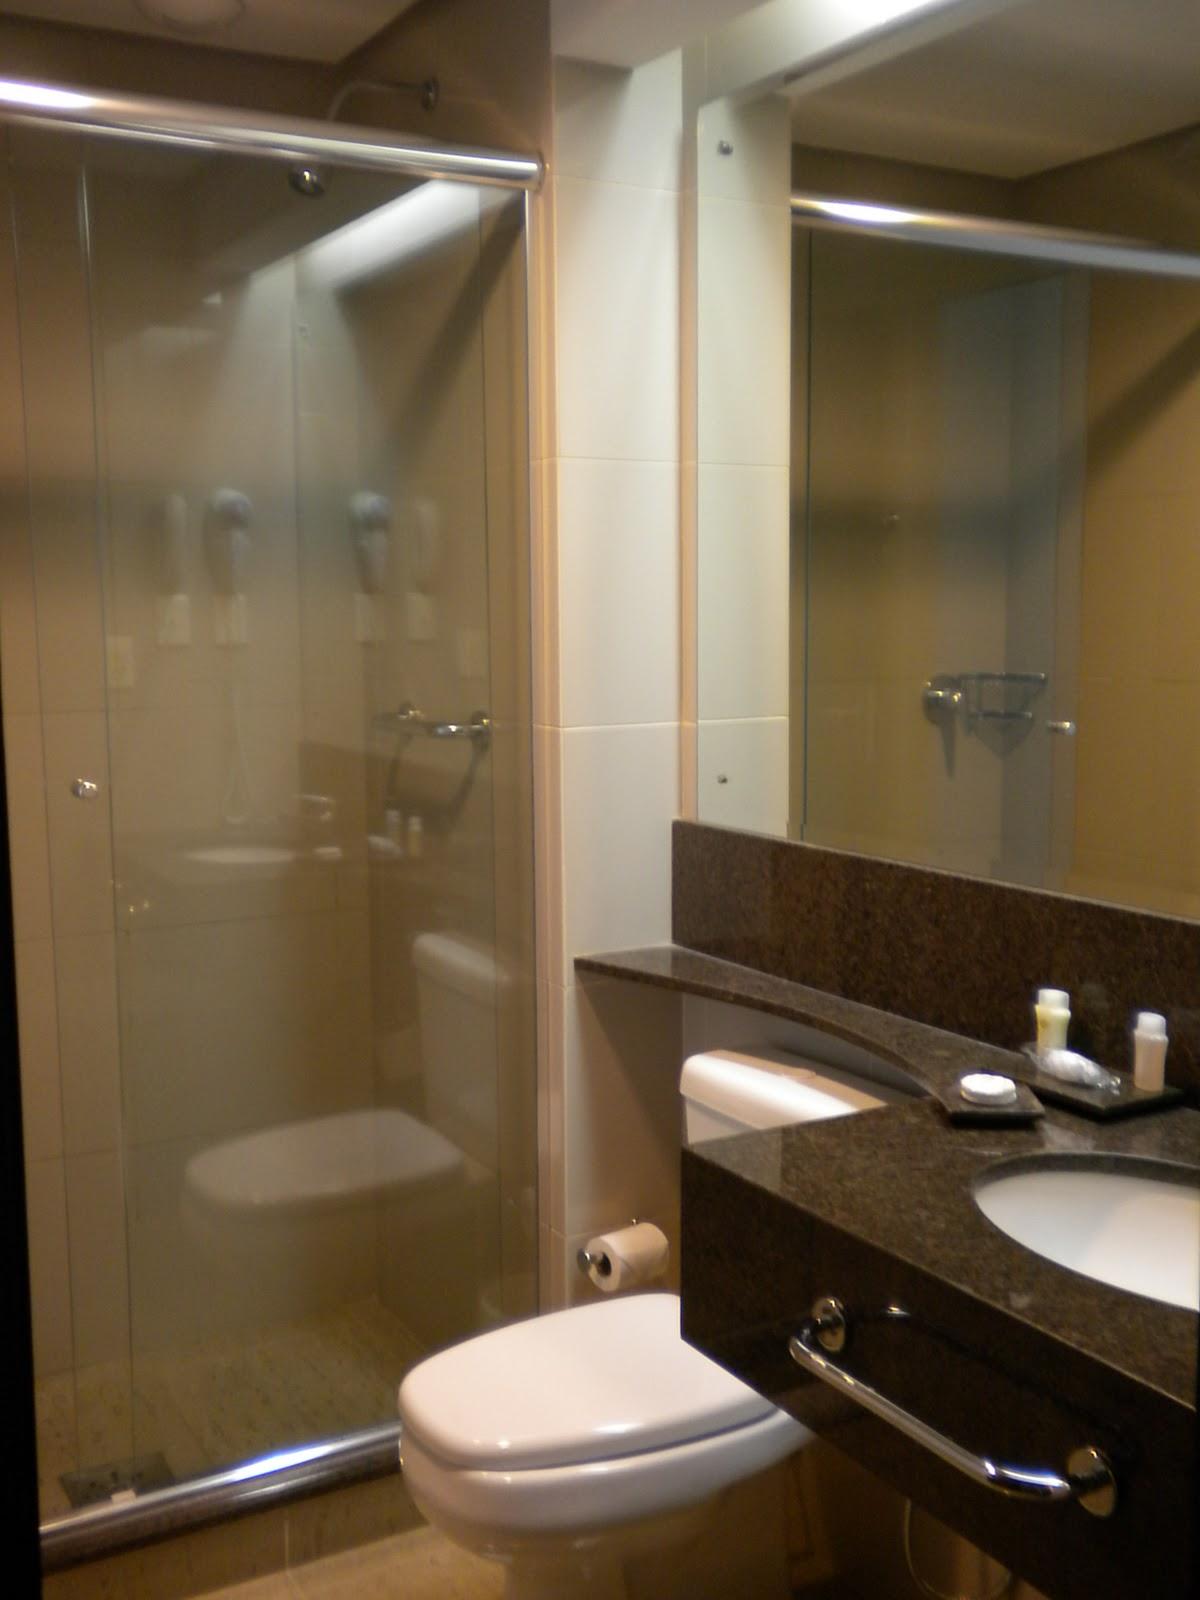 banheiro um pouco pequeno mas gostamos muito do quarto. Tem wi fi #372A18 1200x1600 Banheiro De Luxo Pequeno